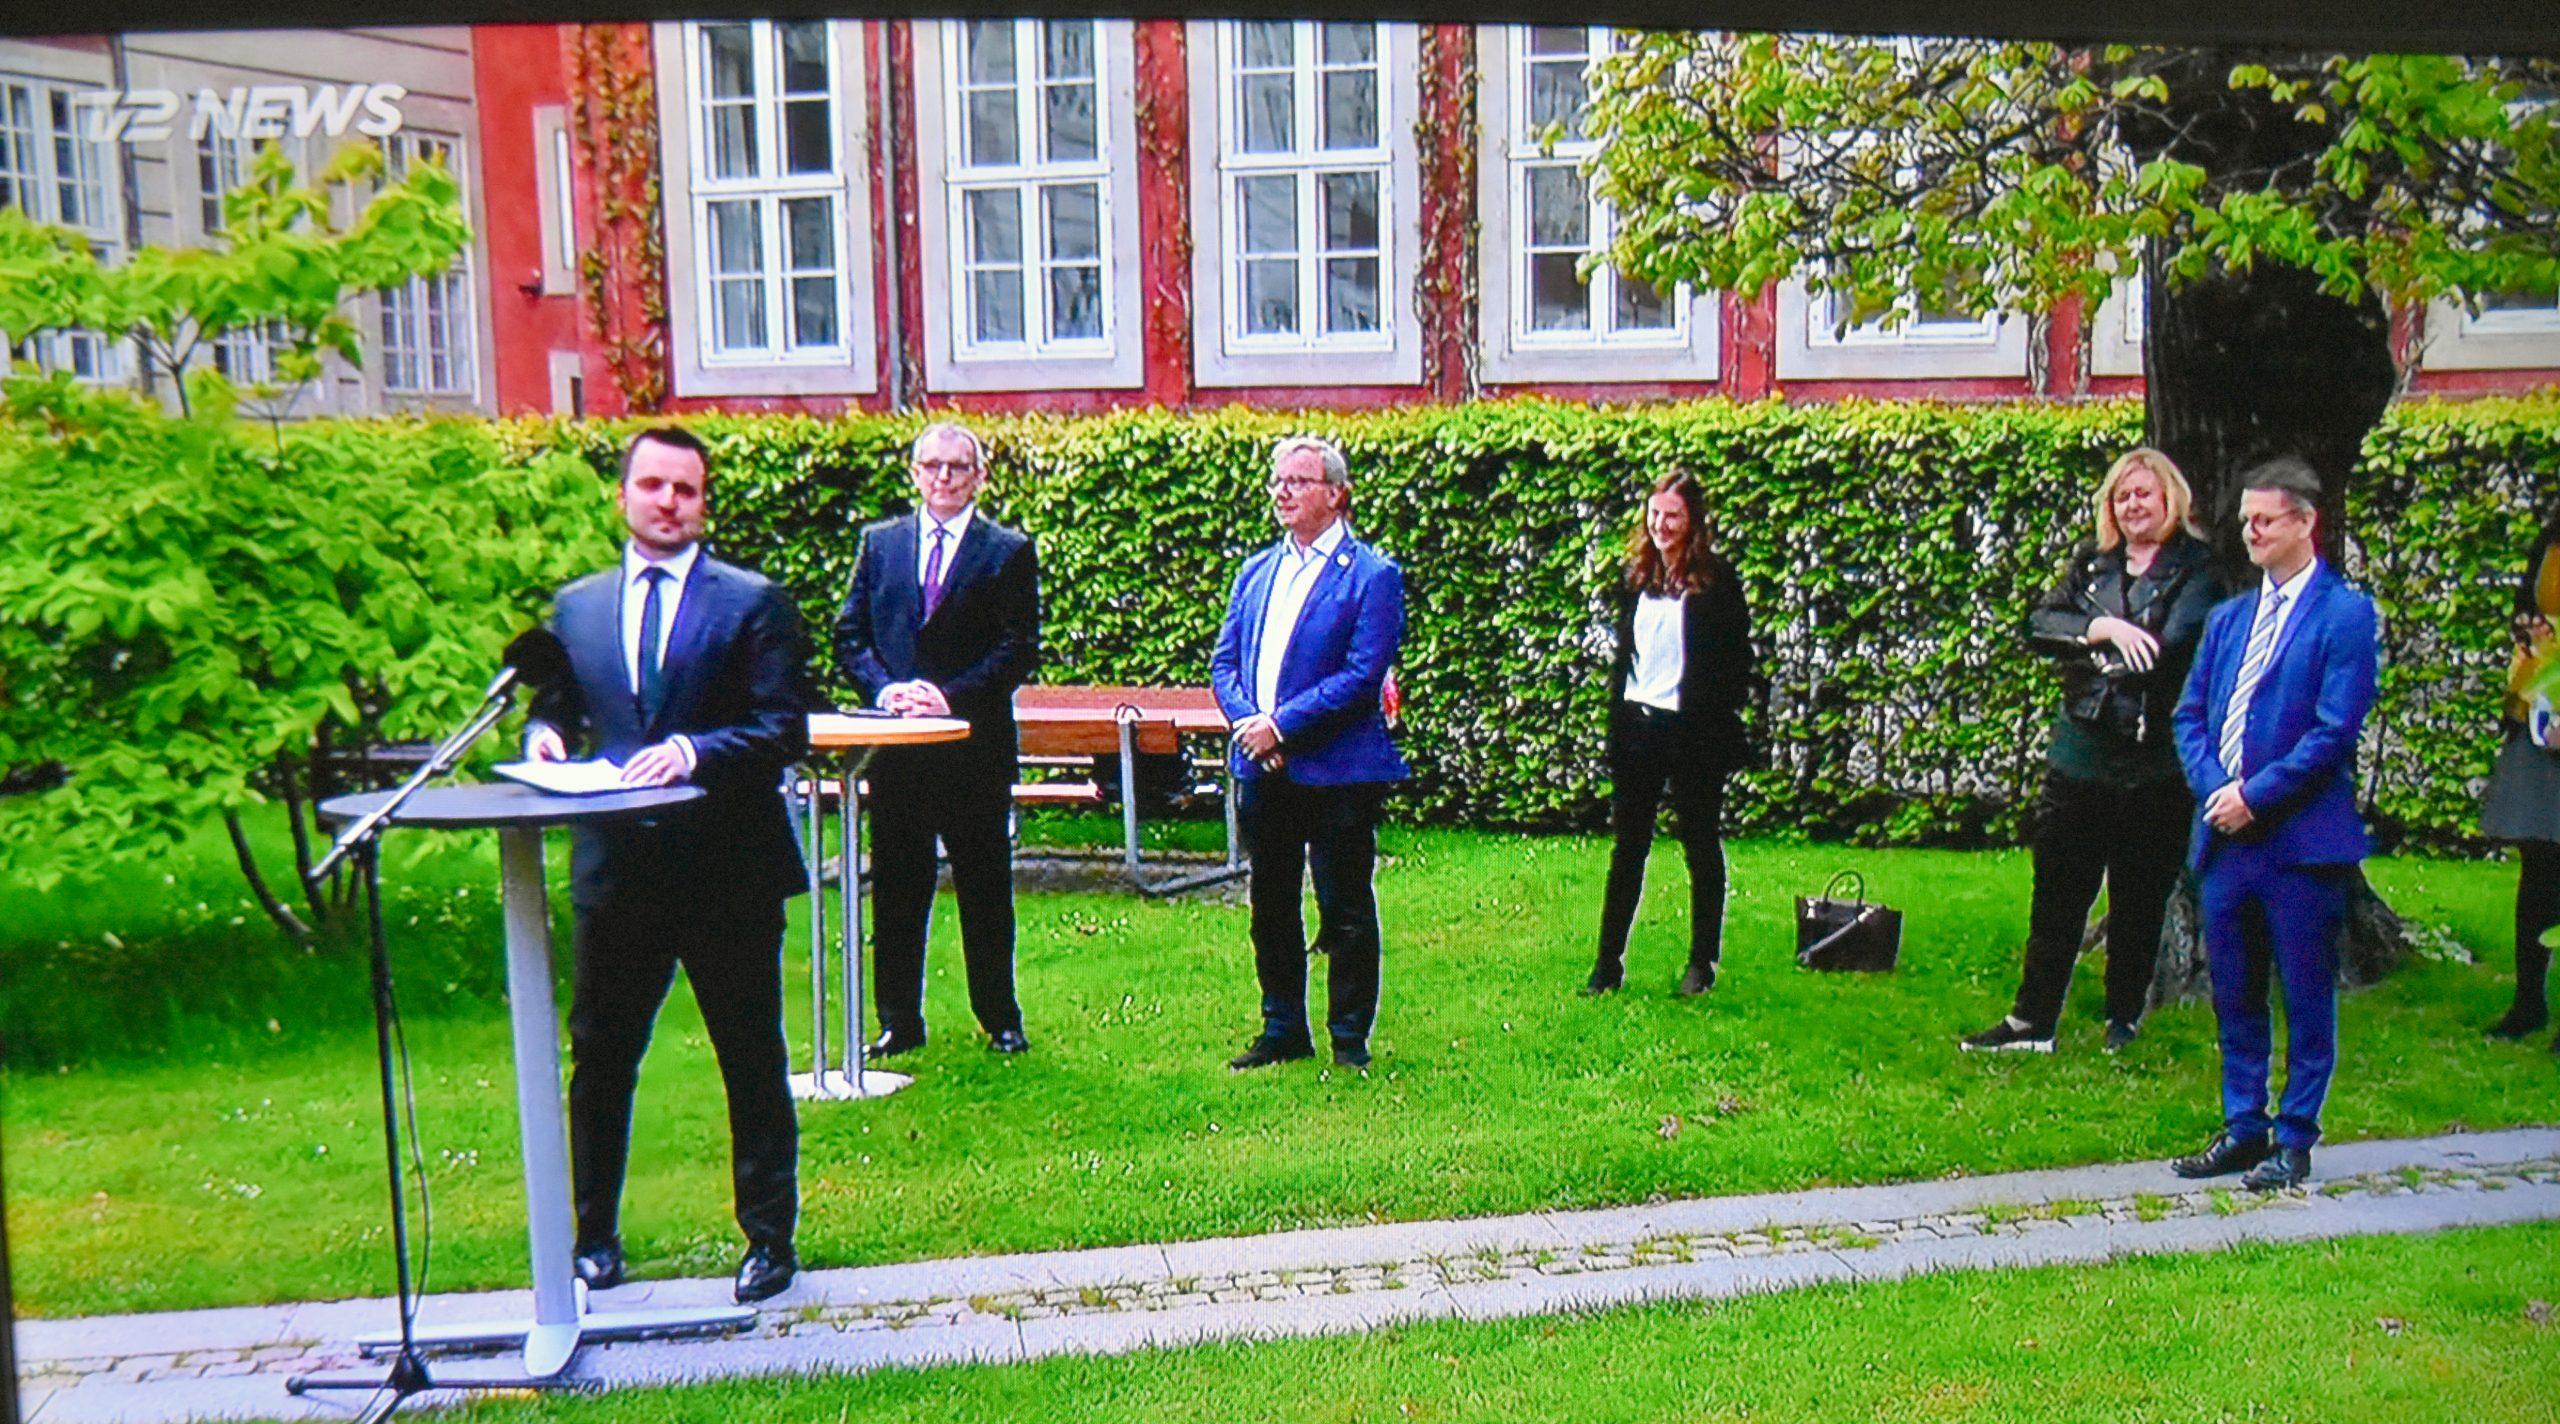 Erhvervsminister Simon Kollerup præsenterer dagens aftale om rejsebureauerne, til højre Venstres erhvervsordfører, Torsten Schack Pedersen, der roses af DRF for sin medvirken til at tydeliggøre rejsebureauernes problemer overfor de andre politikere. Foto: Preben Pathuel.